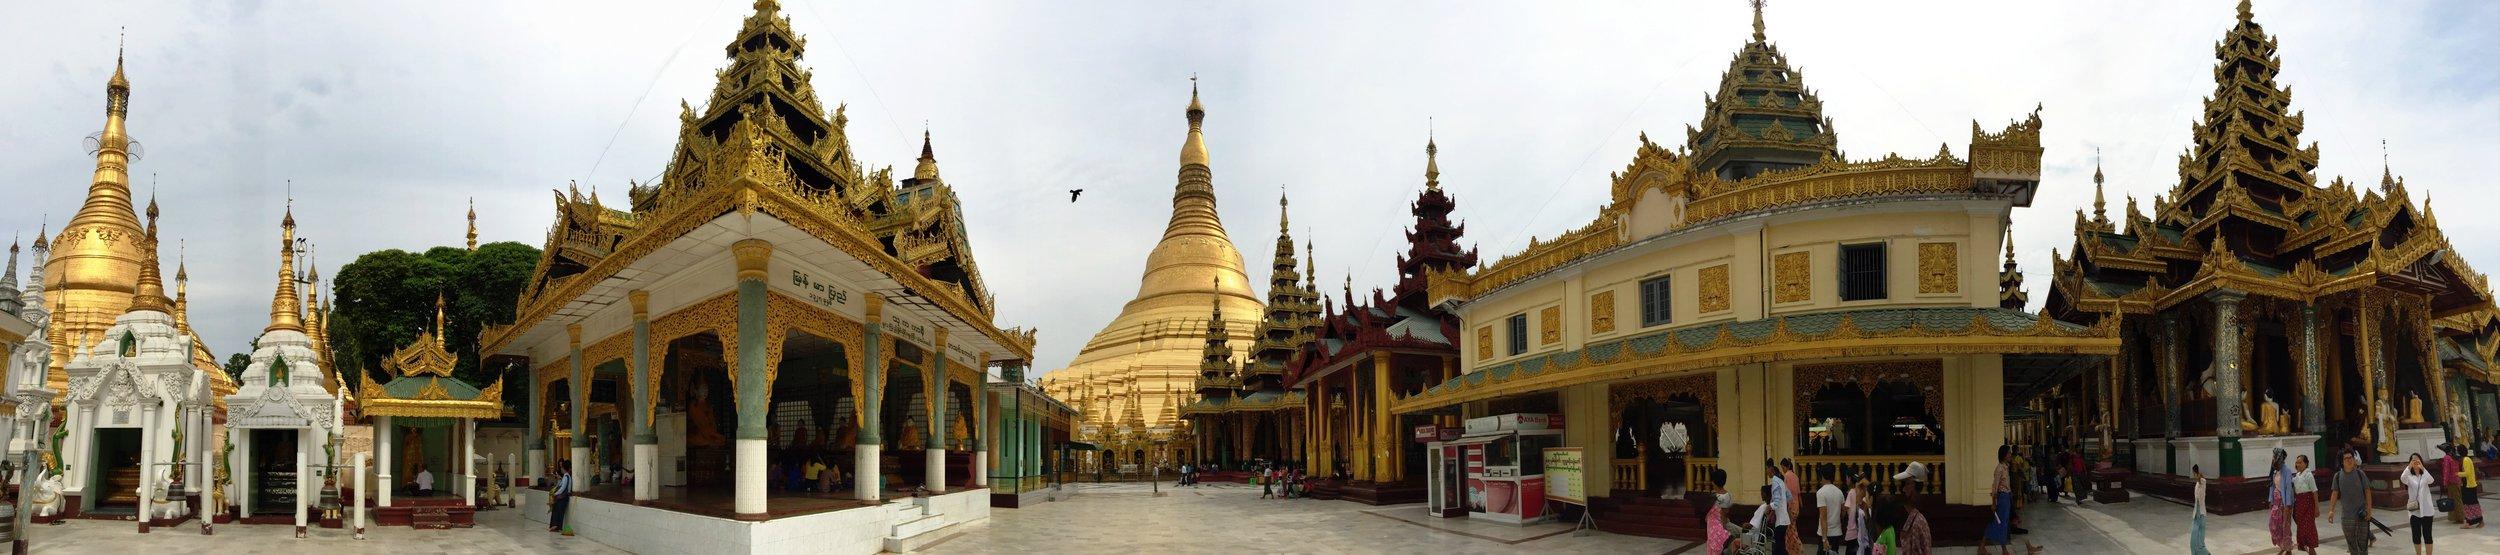 Part of the Shwedagon Pagoda complex, Yangon, Myanmar.